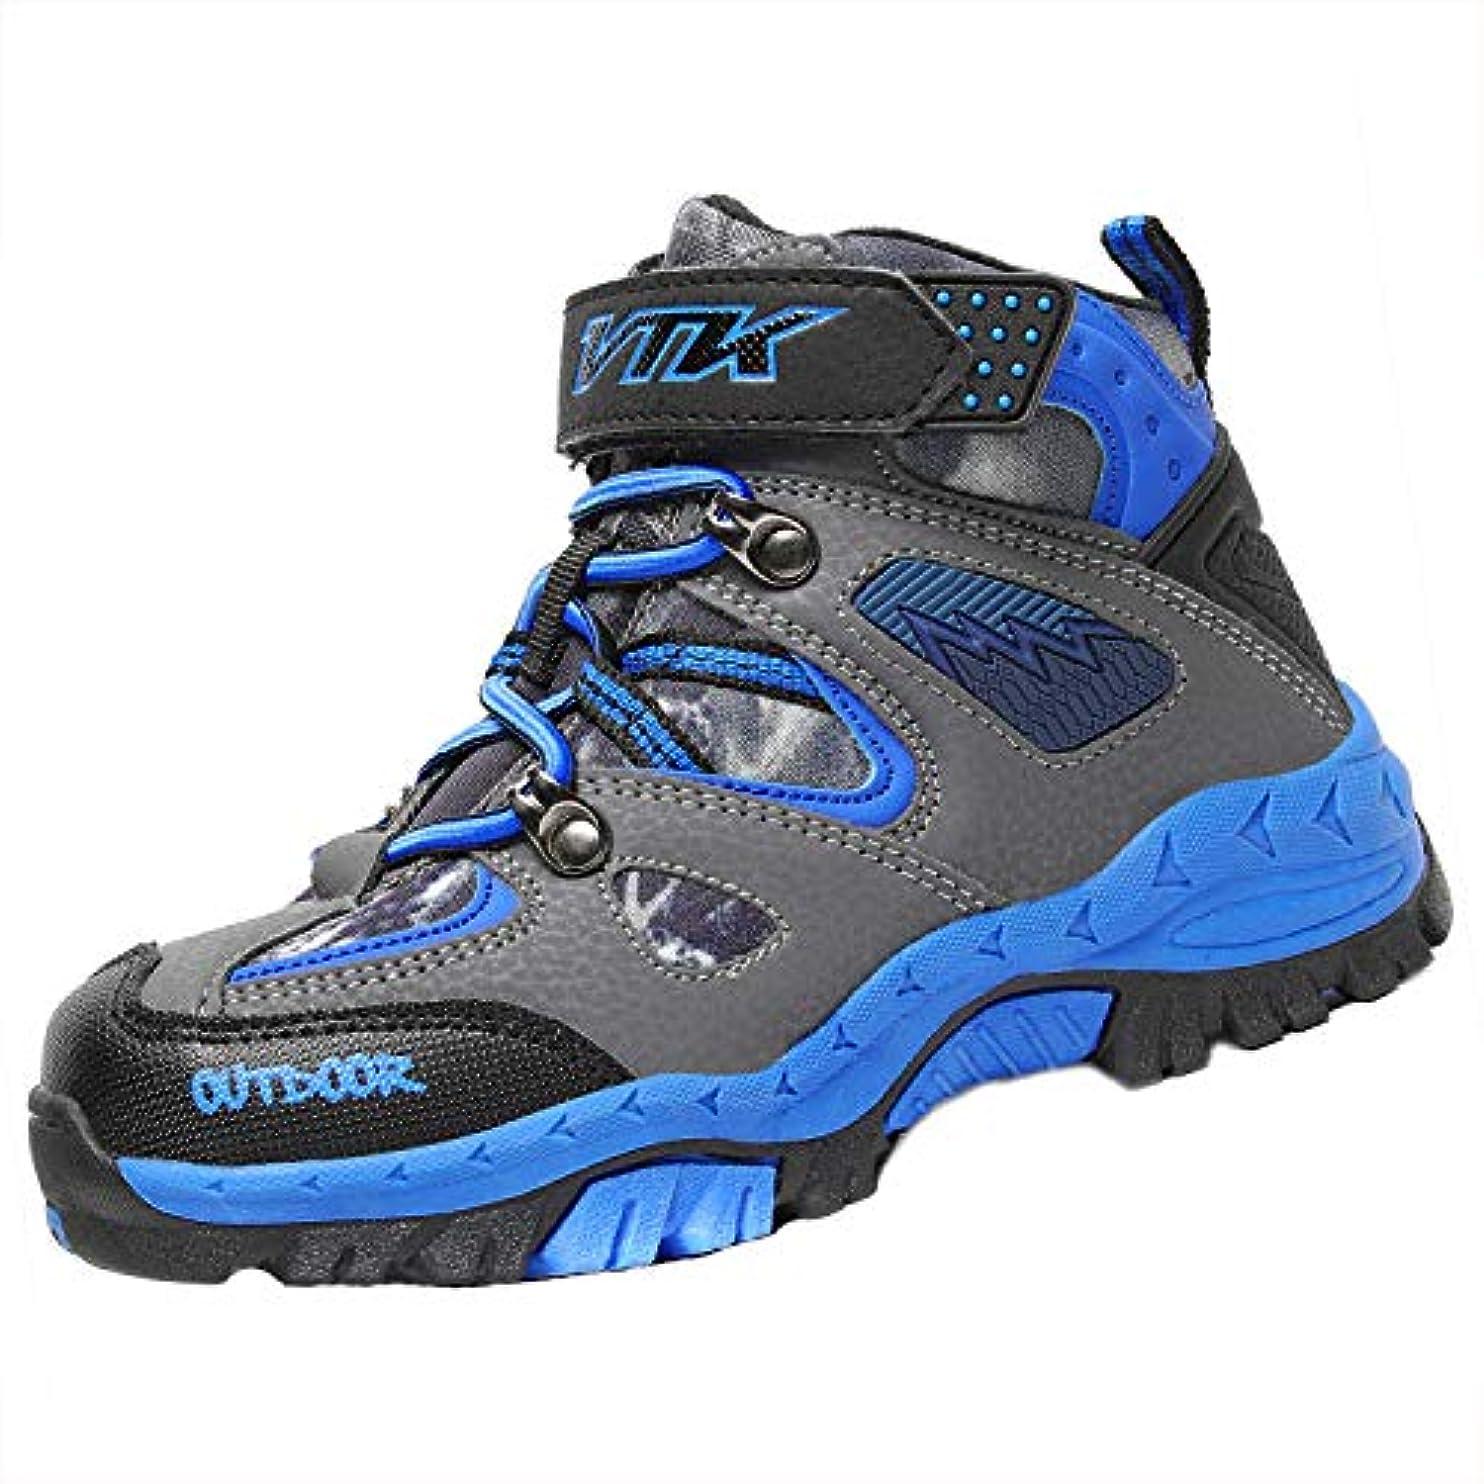 時系列アカデミー推進流行の子供靴 暖かく保つ ブーツ キッズ 快適で トレッキングシューズ 滑り止め ジュニアシューズ ASHION 耐久性のある 登山靴 ファッション キッズ 雪靴防水プラットフォーム